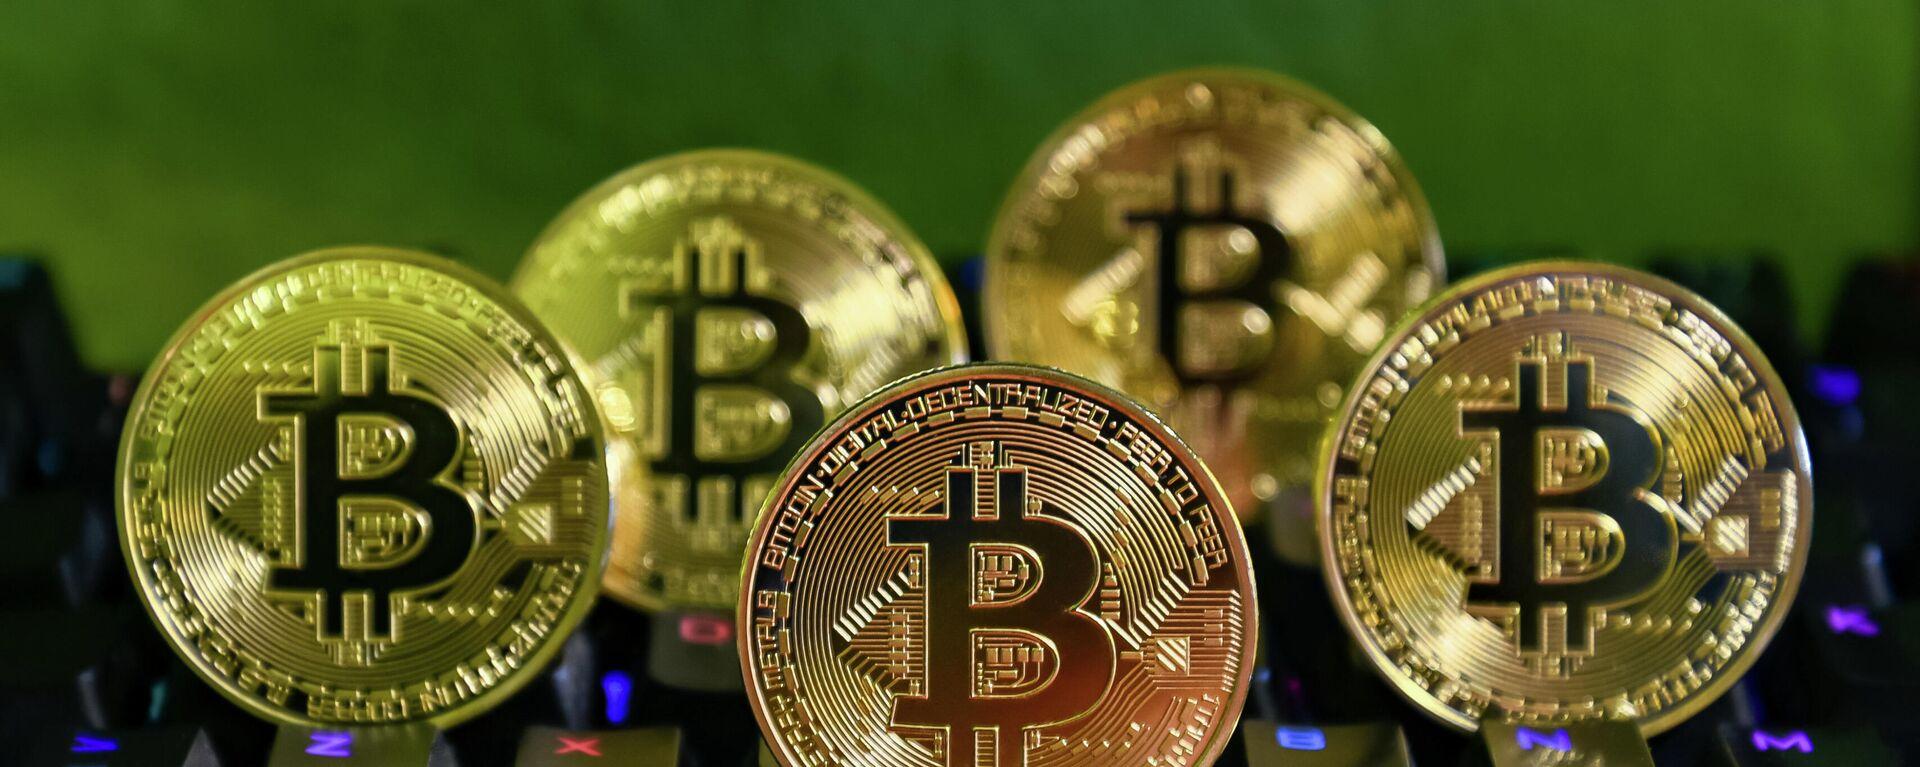 Varias monedas de bitcóin - Sputnik Mundo, 1920, 13.08.2021